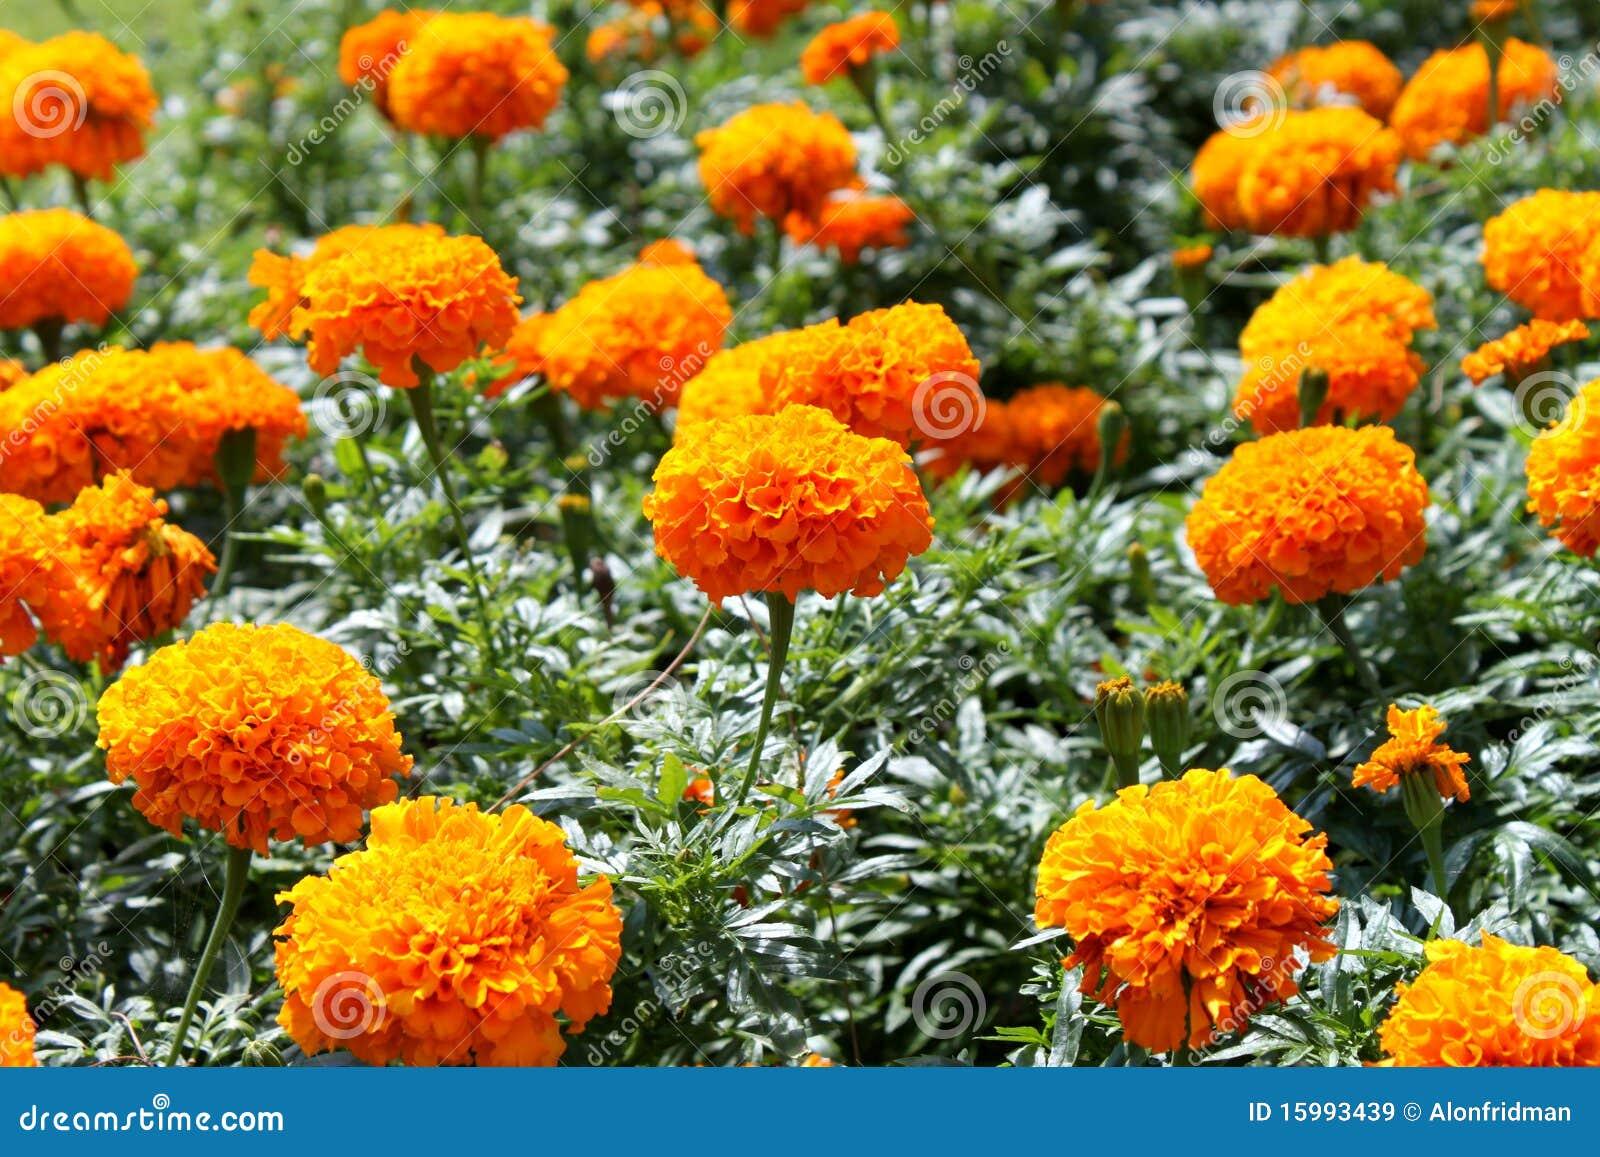 fiori gialli o arancioni